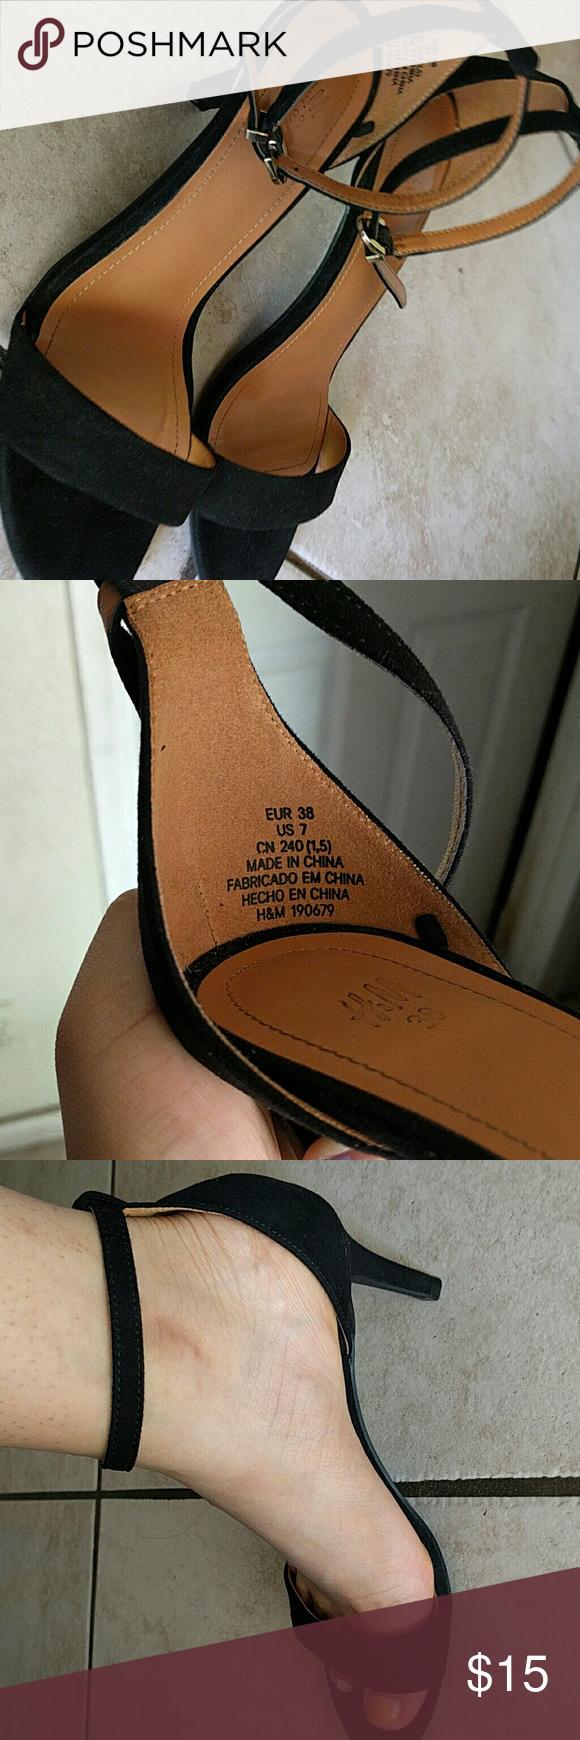 H M Heel H M Heels Heels H M Shoes